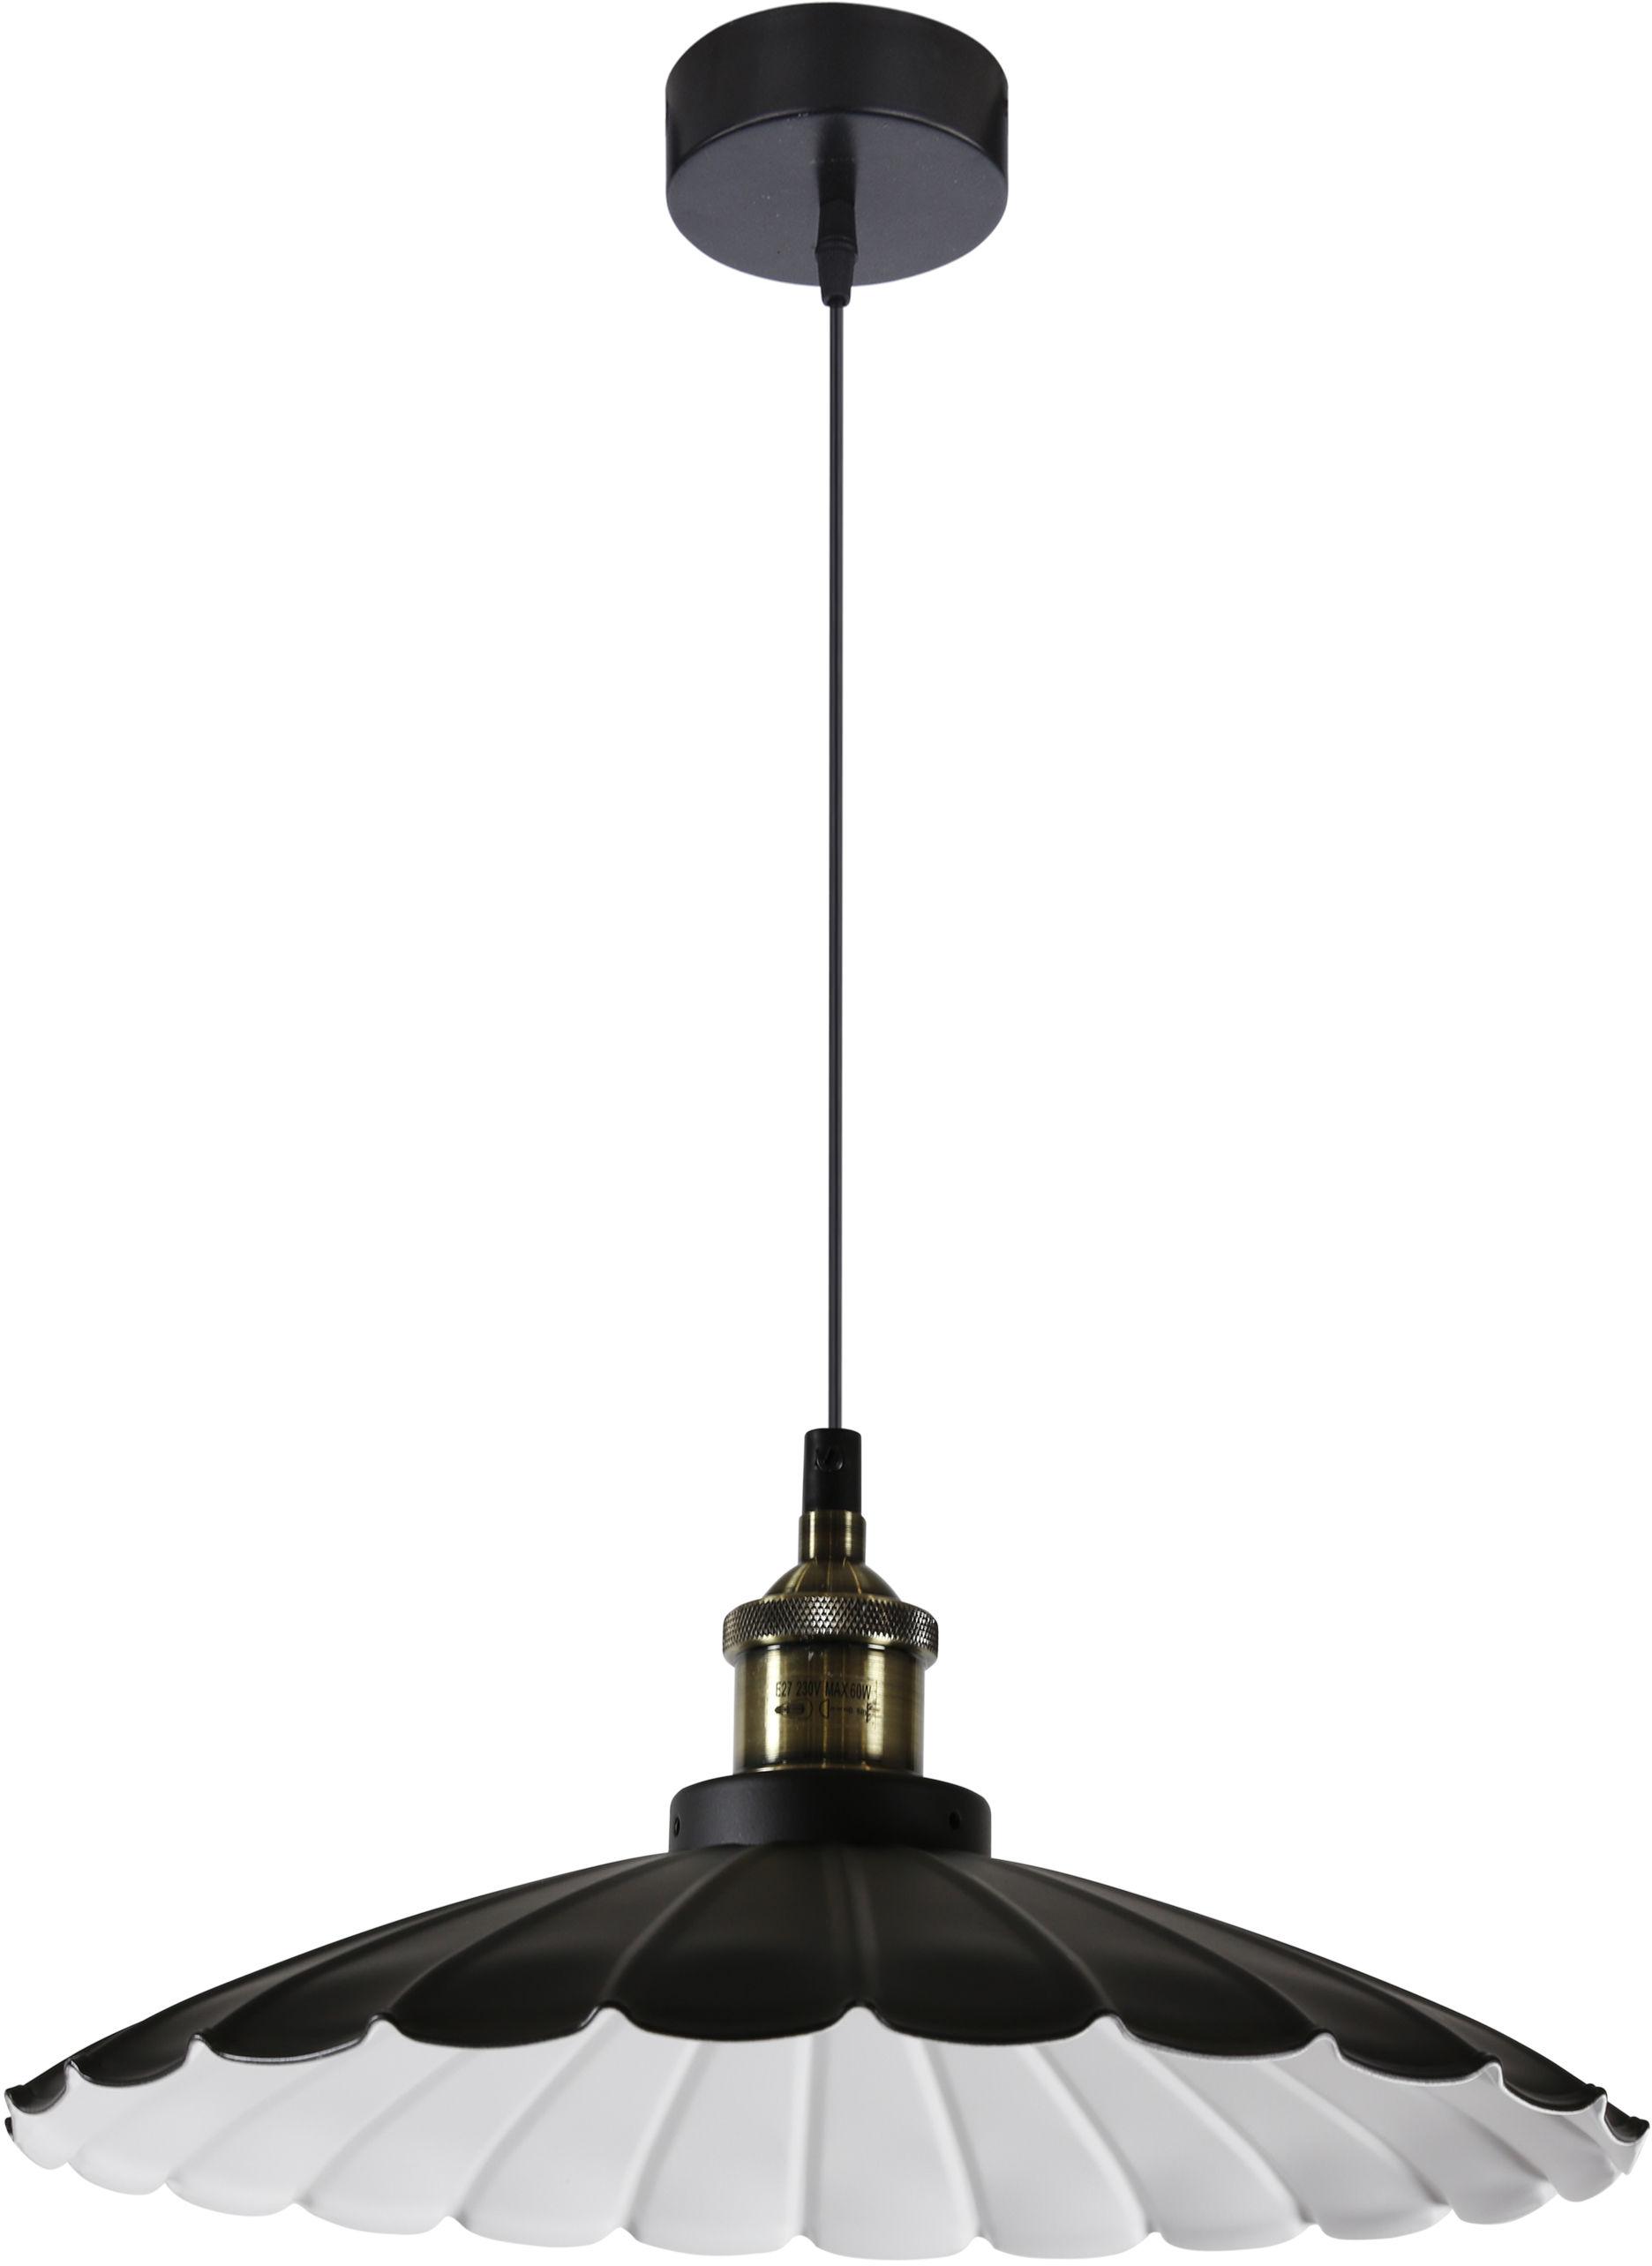 Candellux FLAM 31-56337 lampa wisząca1X60W E27 klosz stalowy czarny+ biały 34 cm